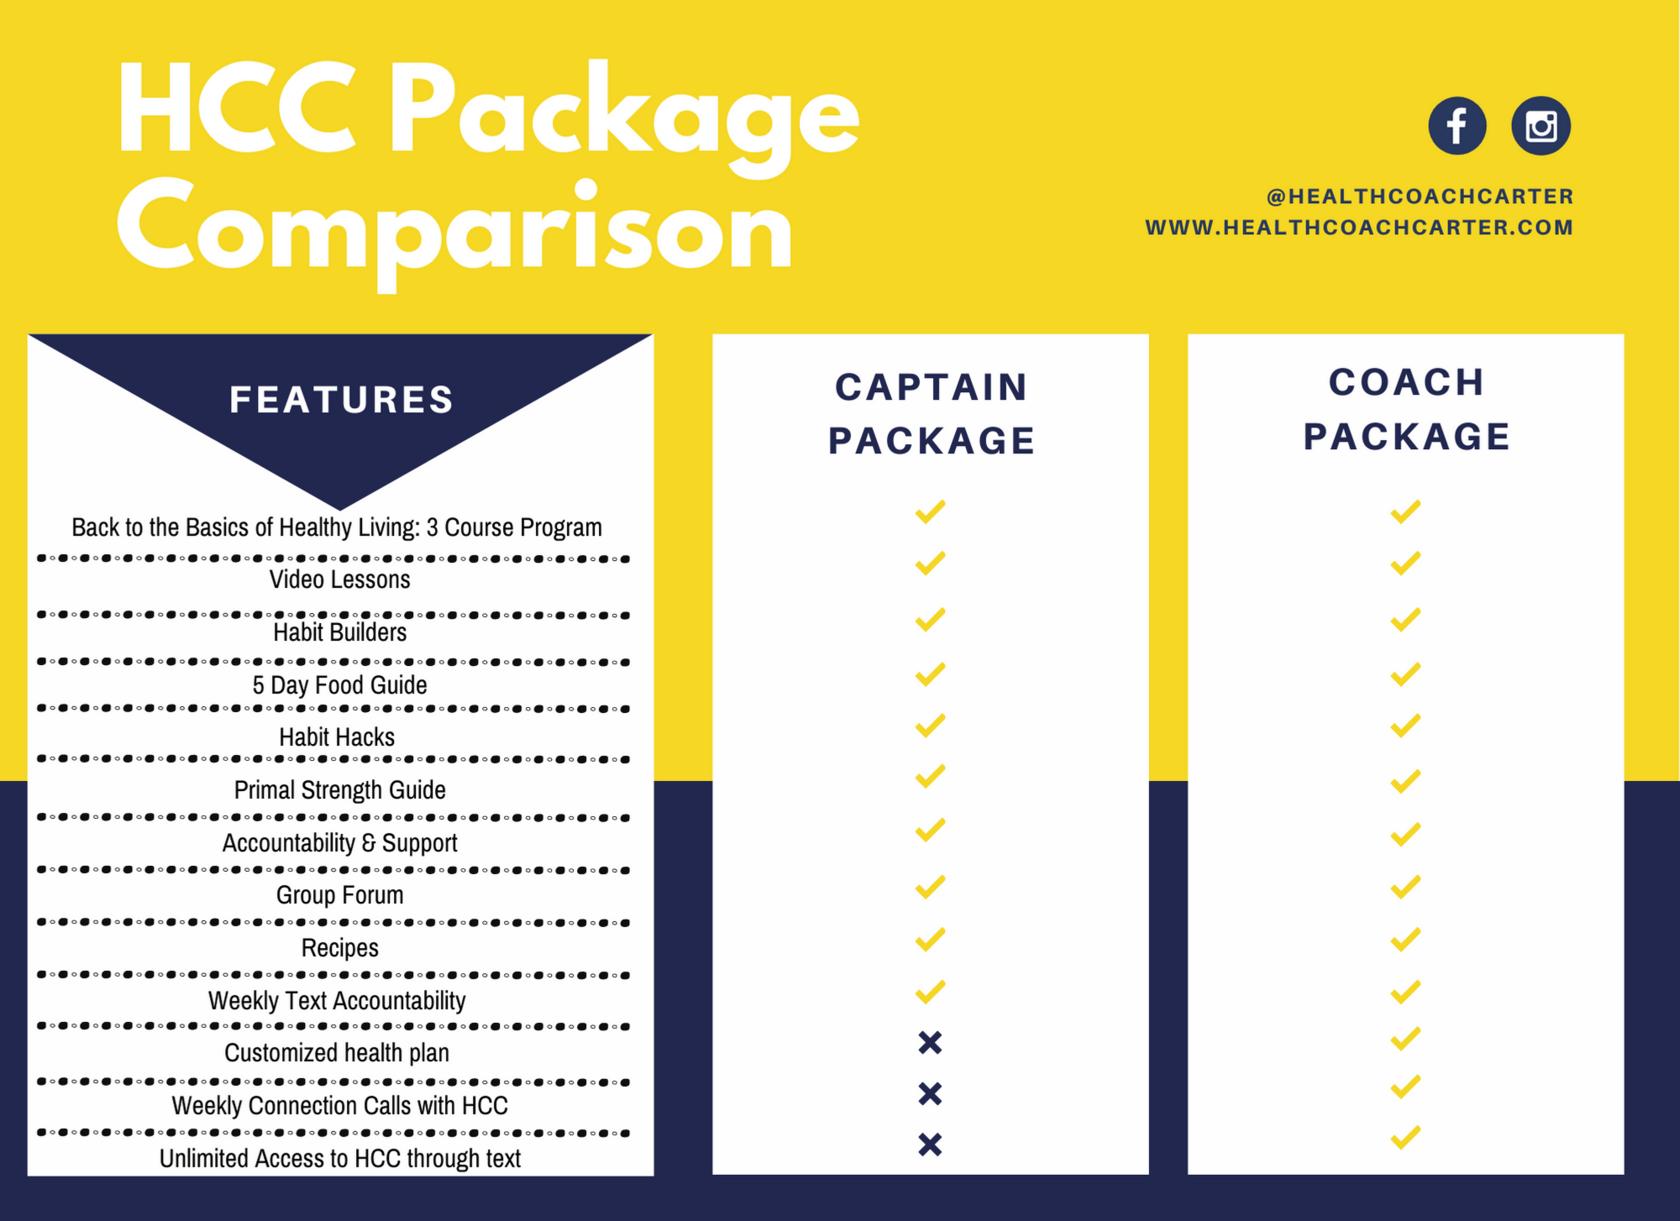 Services Comparison